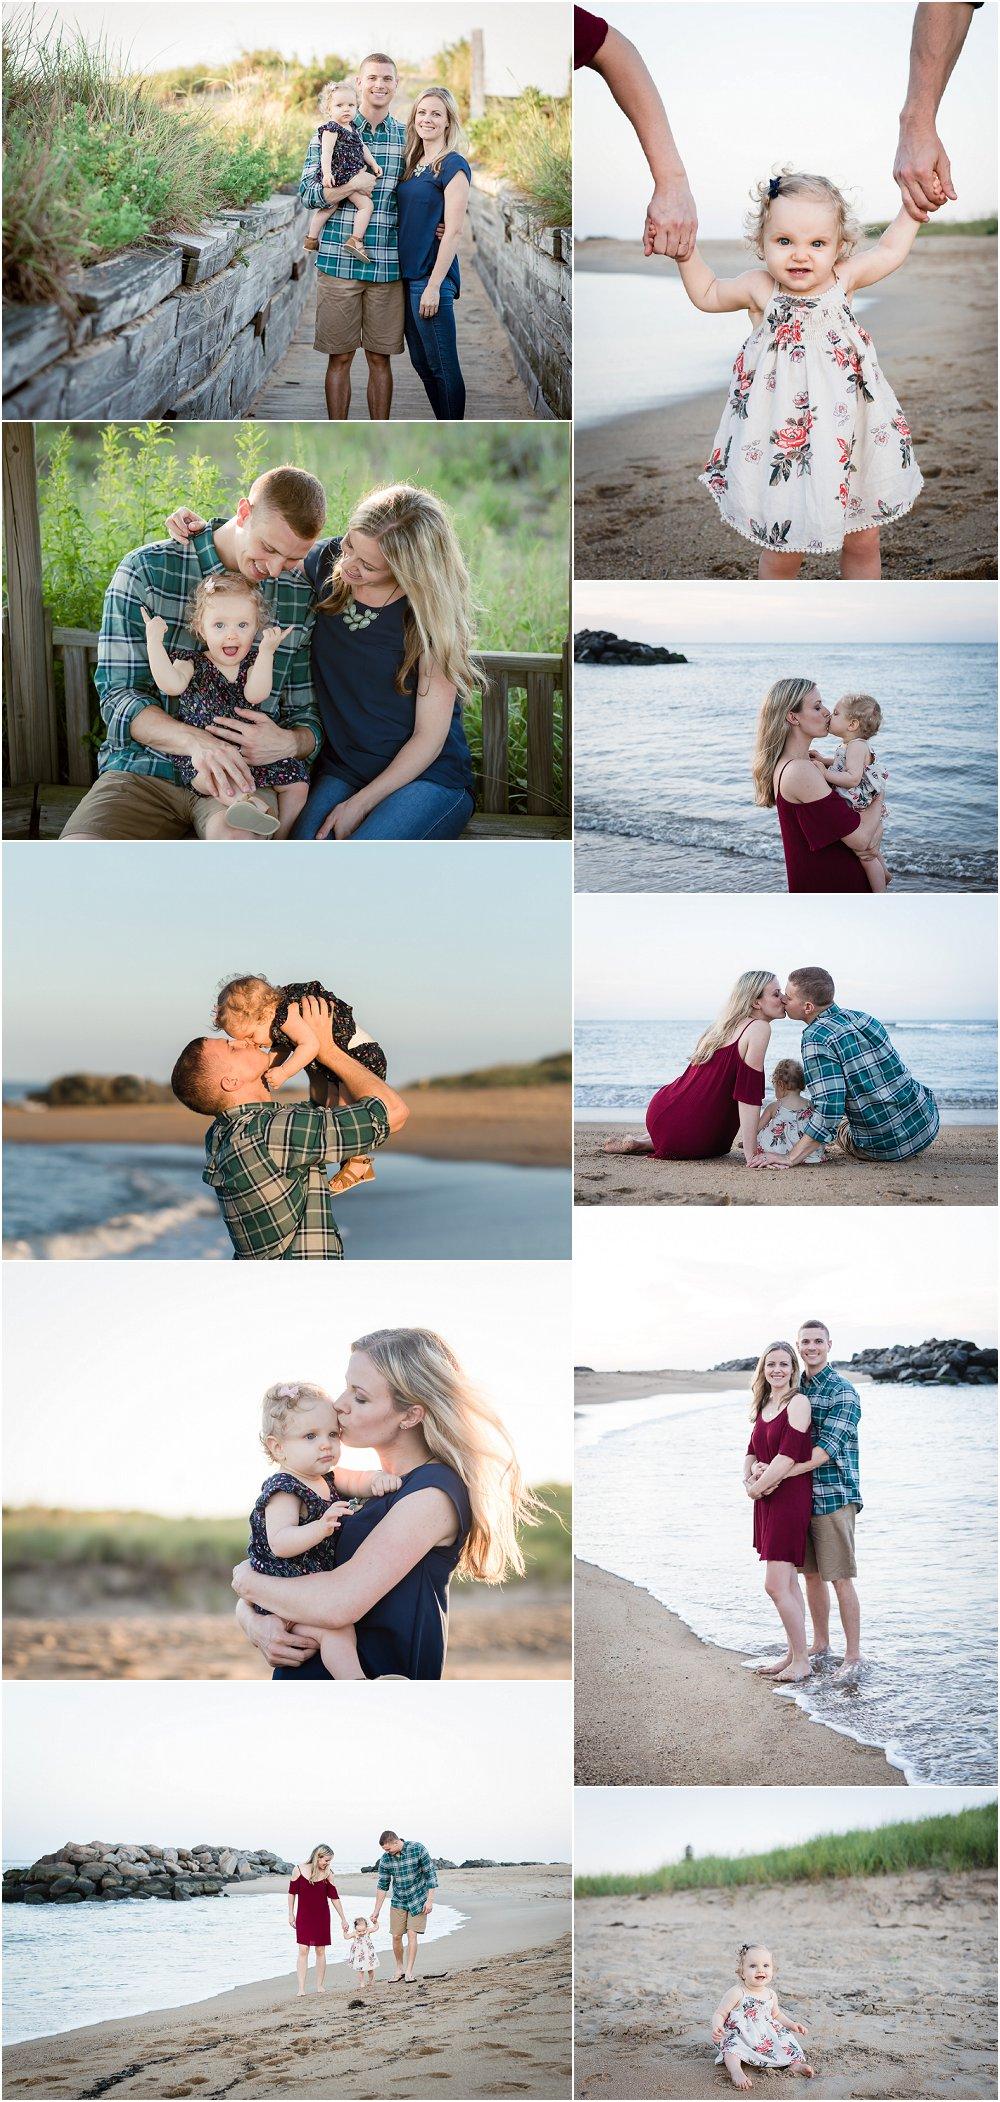 堡故事全家福,弗吉尼亚海滩摄影